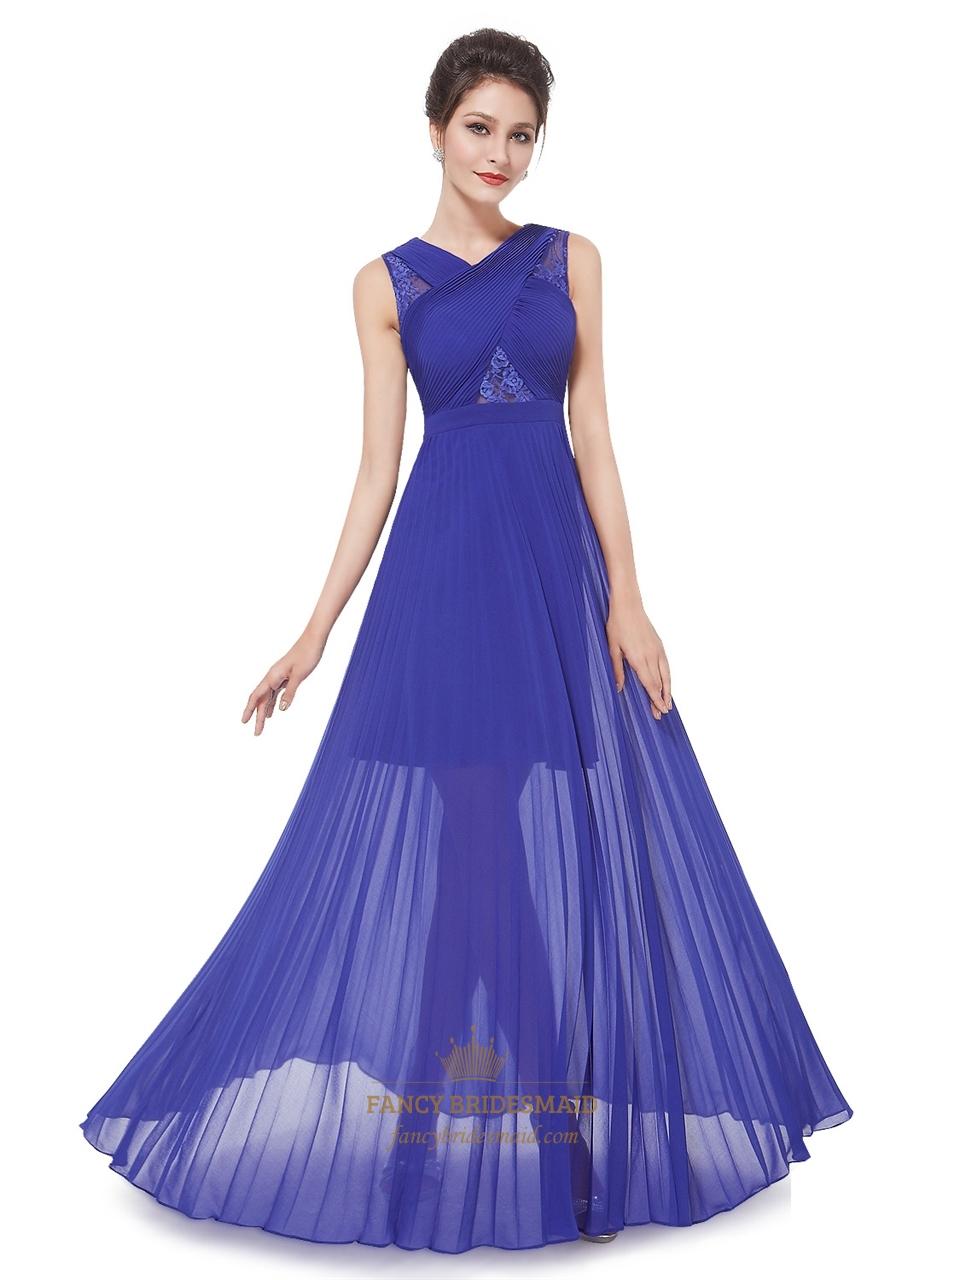 Royal Blue Chiffon Sheer Skirt Bridesmaid Dress With Lace Detail ...